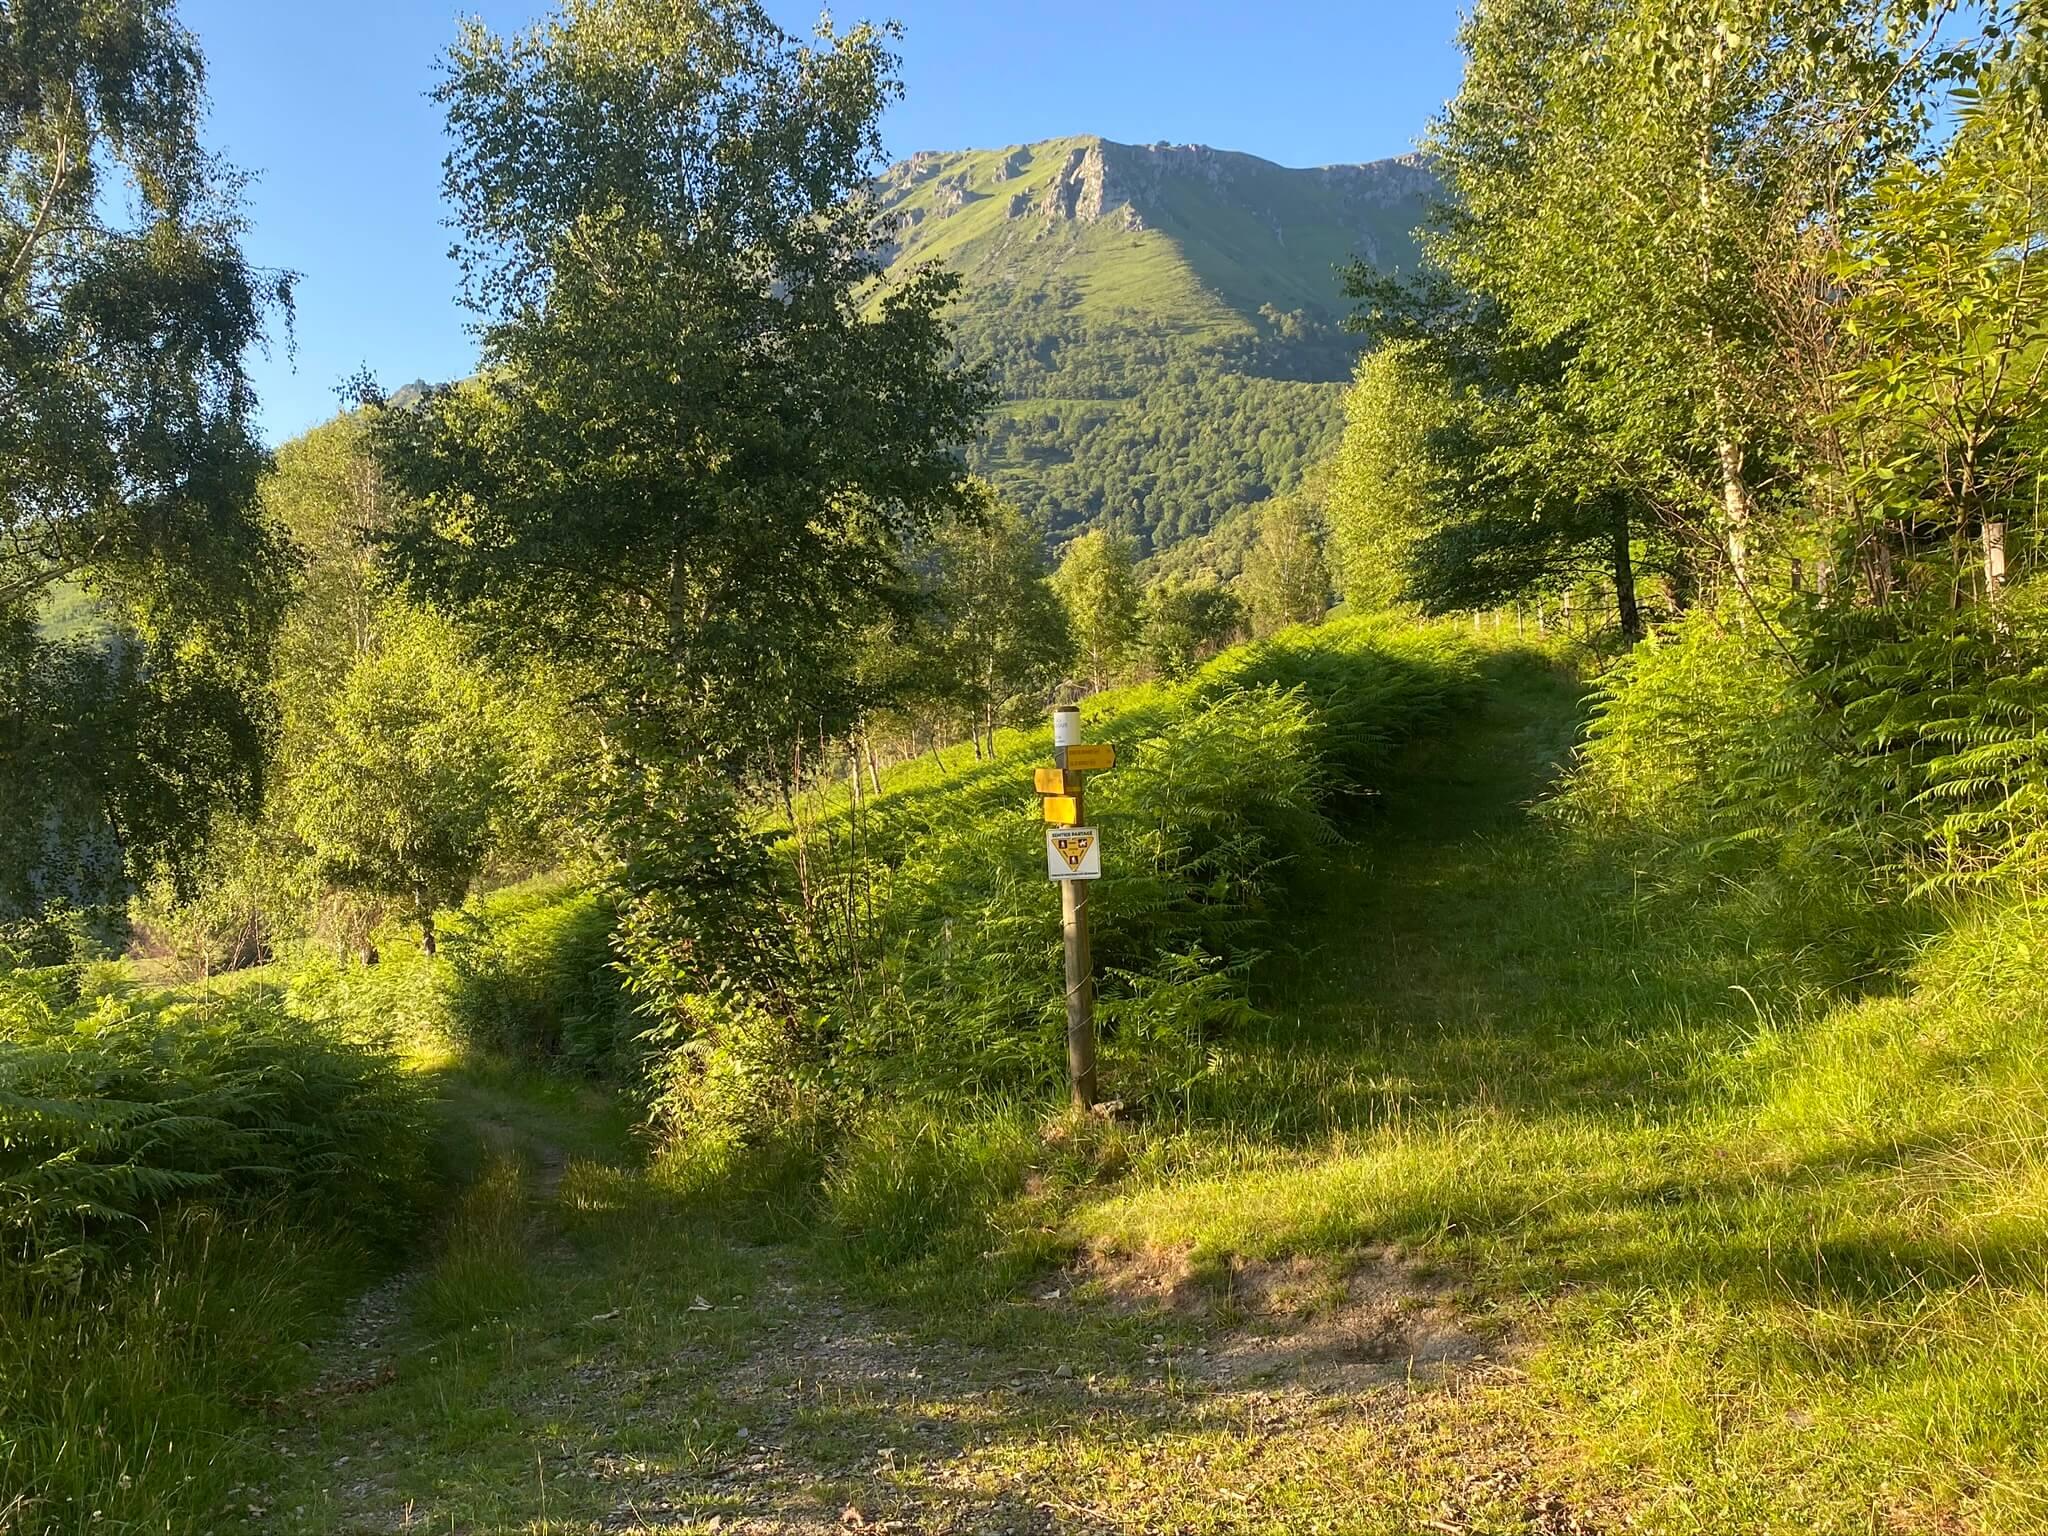 Les sentiers sont empruntés par les randonneurs, les VTT et les balades à cheval.